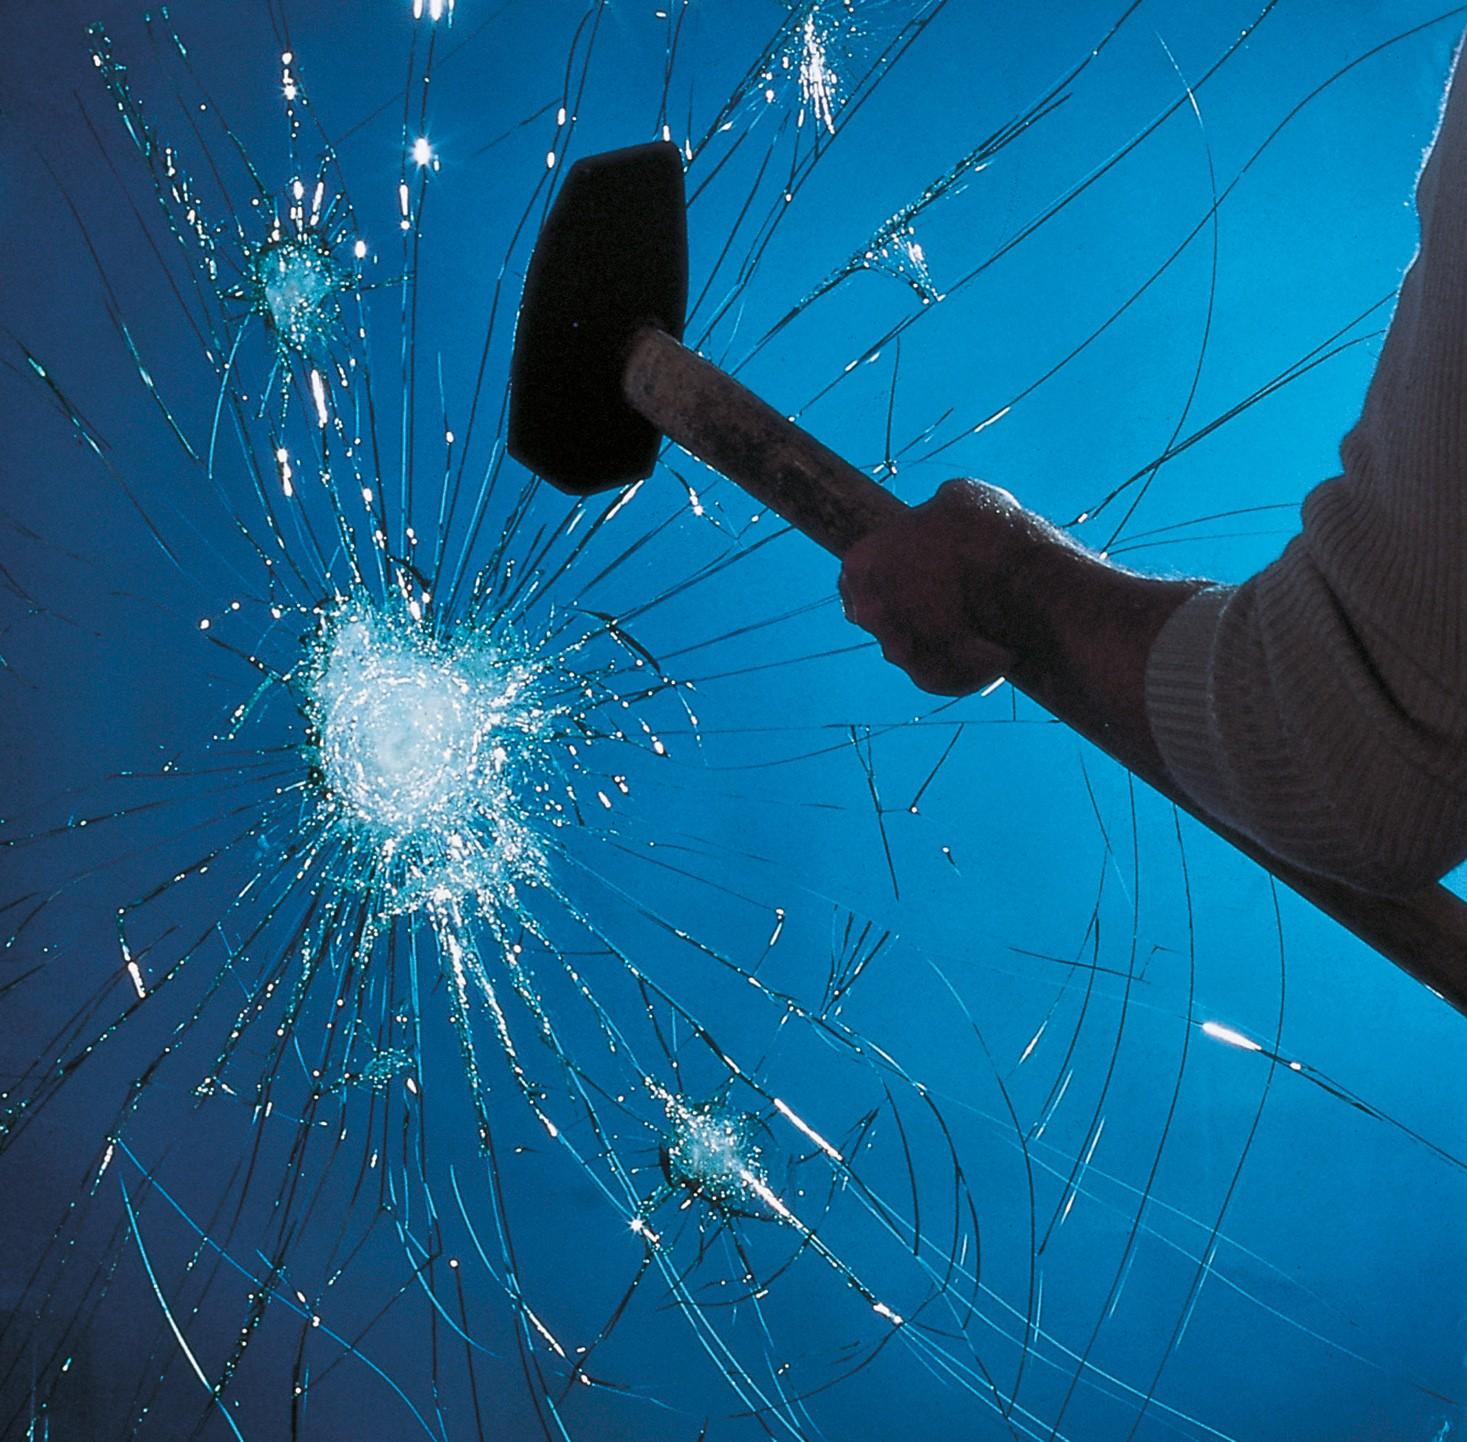 Rund ums Haus Moderne Sicherheitstechnik in UNILUX Holz-Alu-Fenstern verleiht ein gutes Gefühl - News, Bild 1